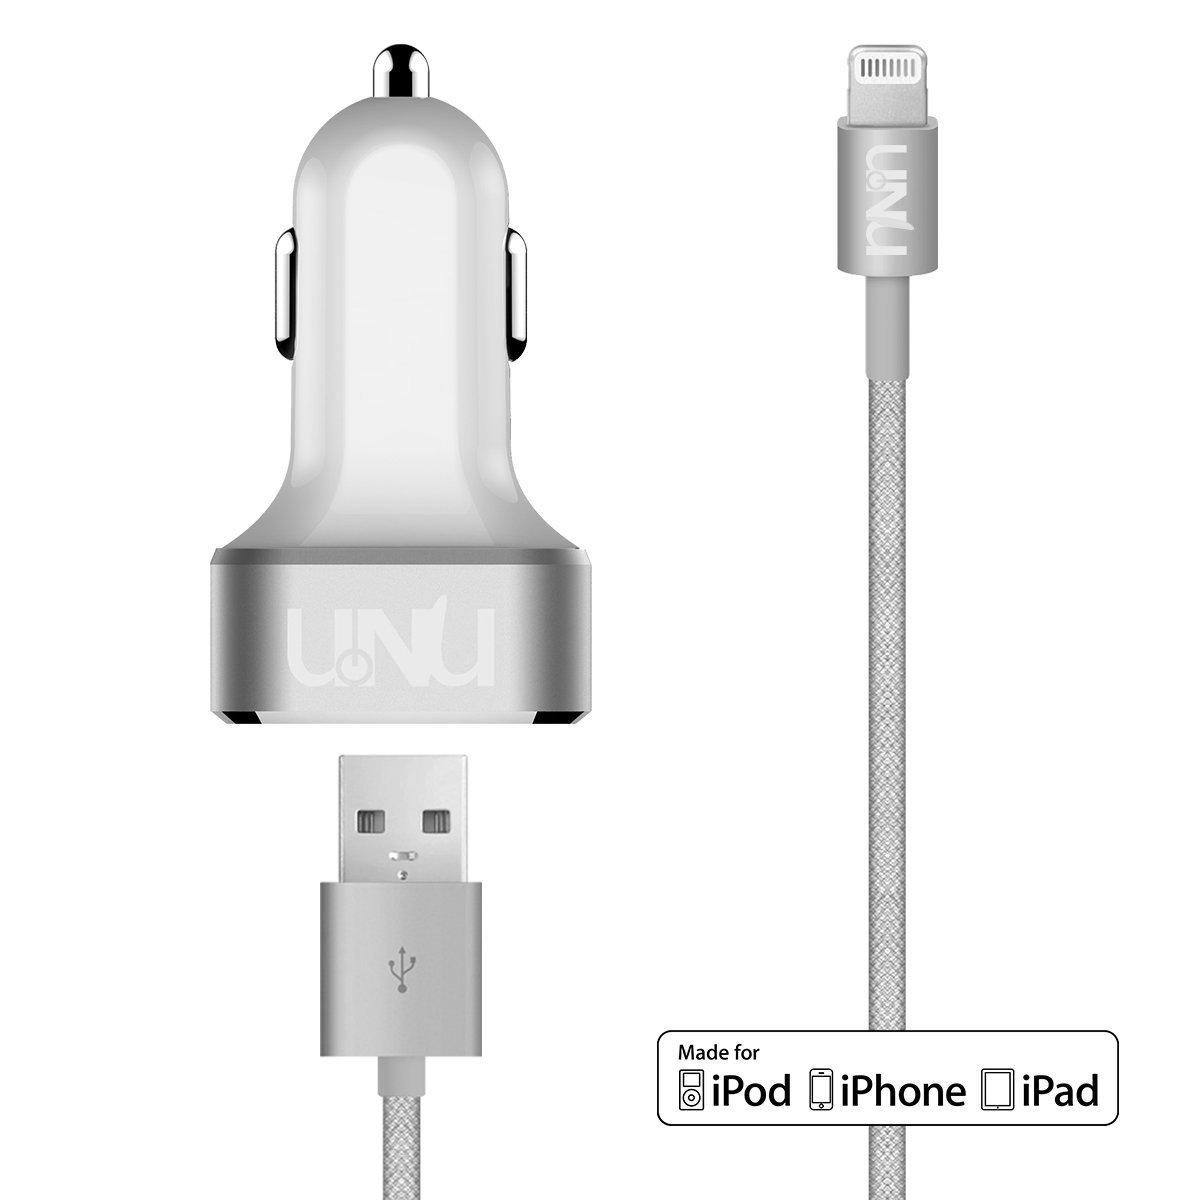 UNU iPhone 6 Plus Accessories Bundle